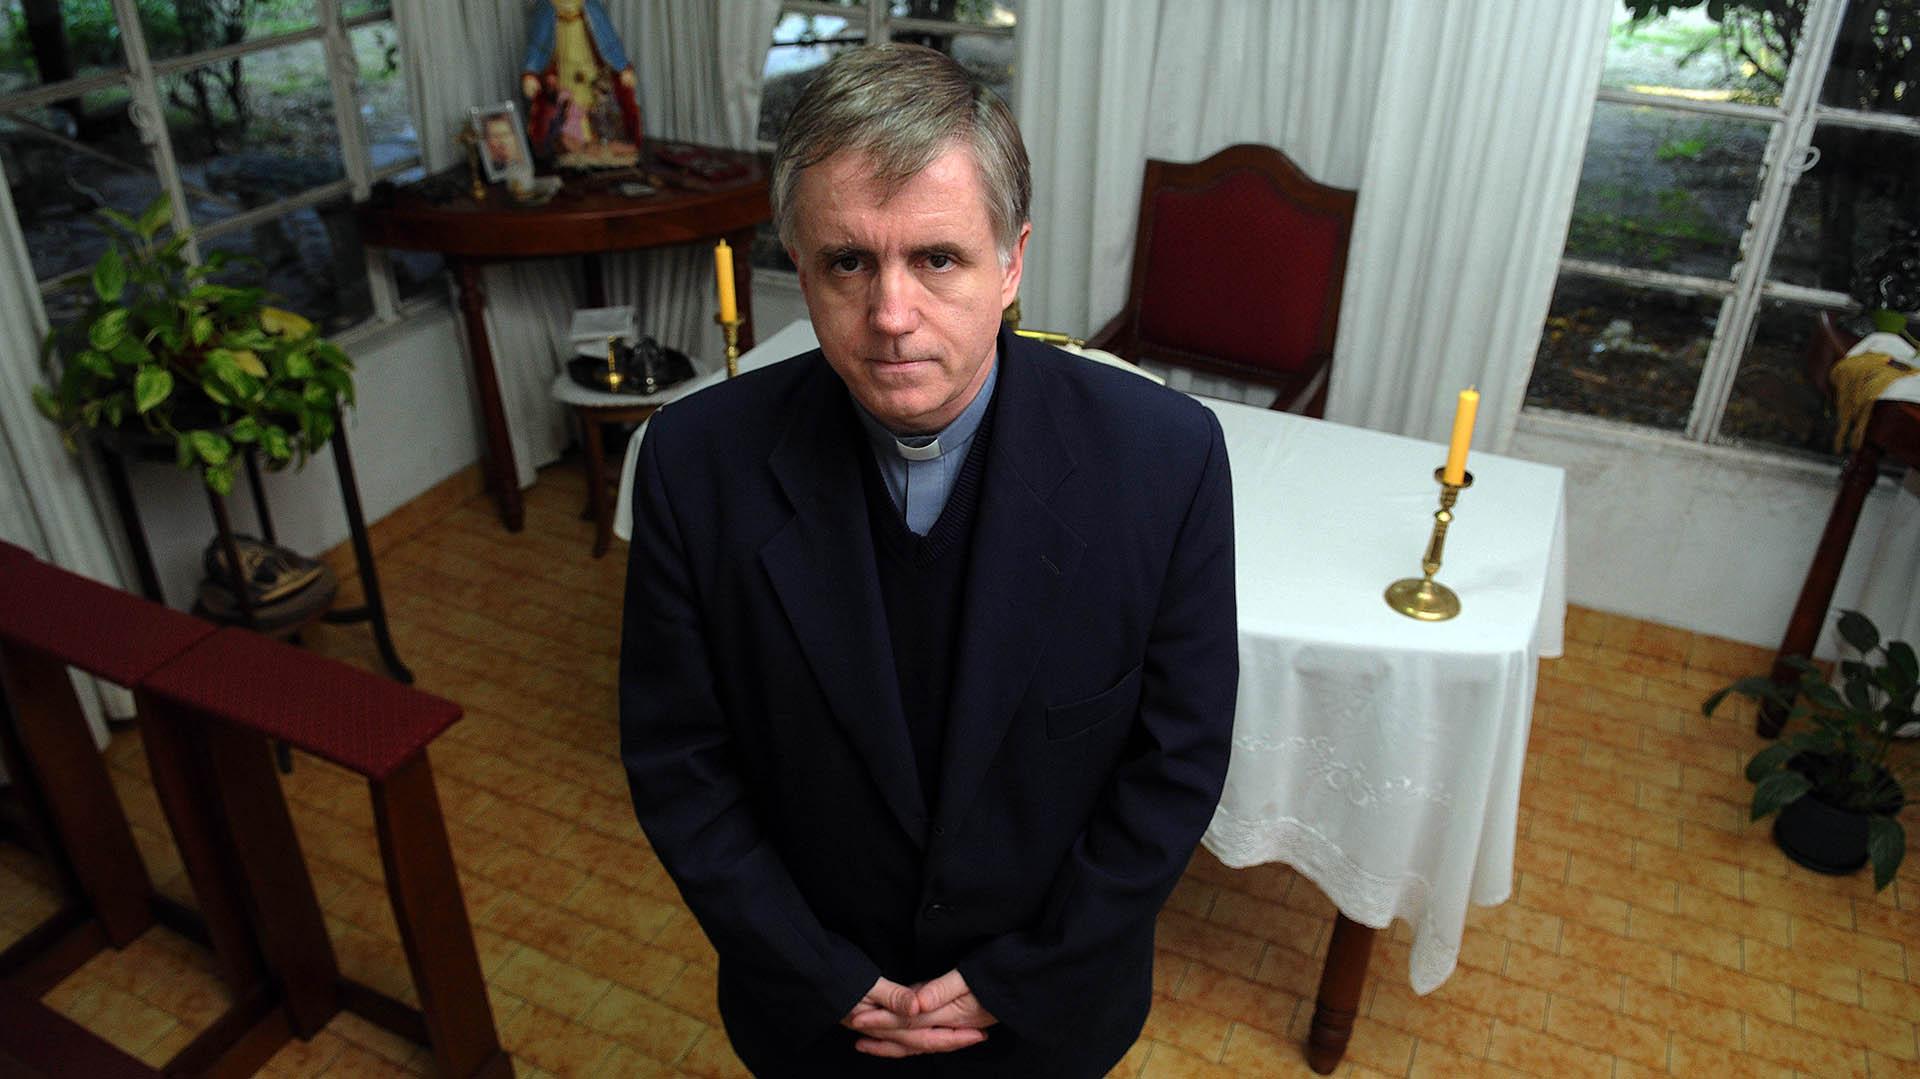 El caso de Julio César Grassi fue el primer resonante contra un sacerdote de la Iglesia Católica. (foto de archivo: Télam)